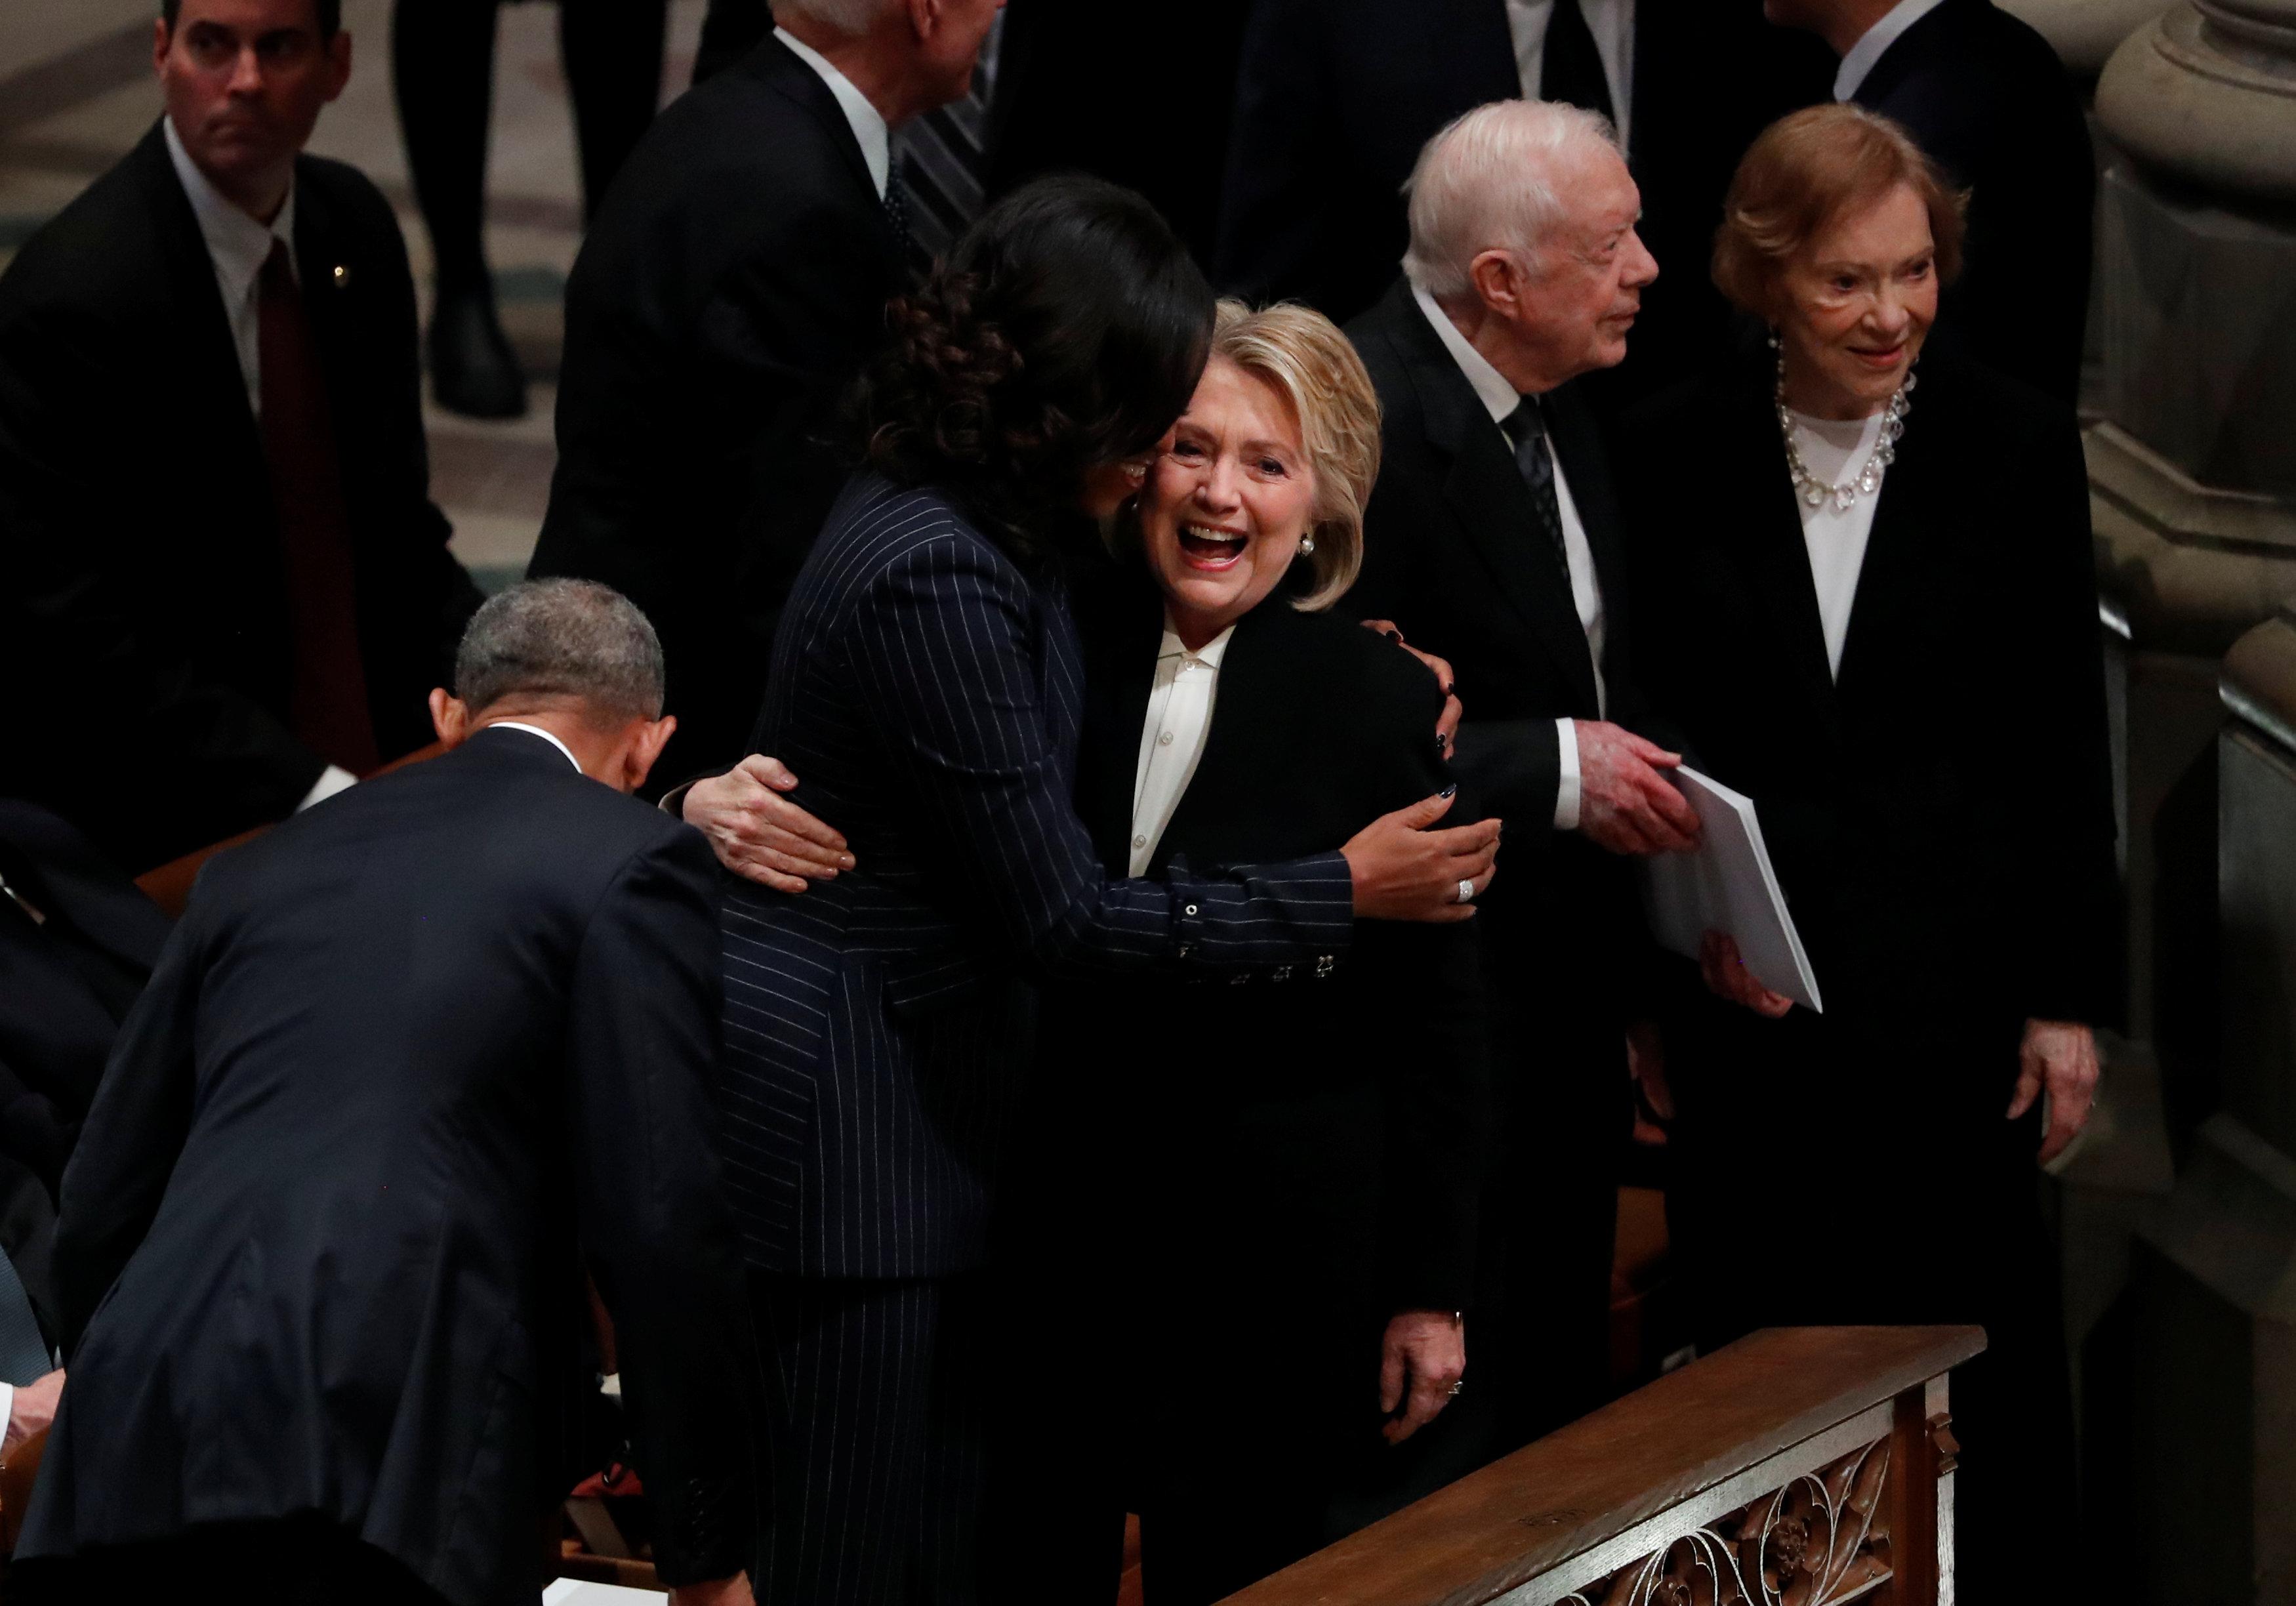 La ex secretaria de Estado de Estados Unidos Hillary Clinton abraza a la ex primera dama Michelle Obama frente al ex presidente Jimmy Carter y a la ex primera dama Rosalynn Carter en el funeral de estado del ex presidente George H.W. Bush en la Catedral Nacional de Washington en Washington, Estados Unidos, el 5 de diciembre de 2018. (Reuters)